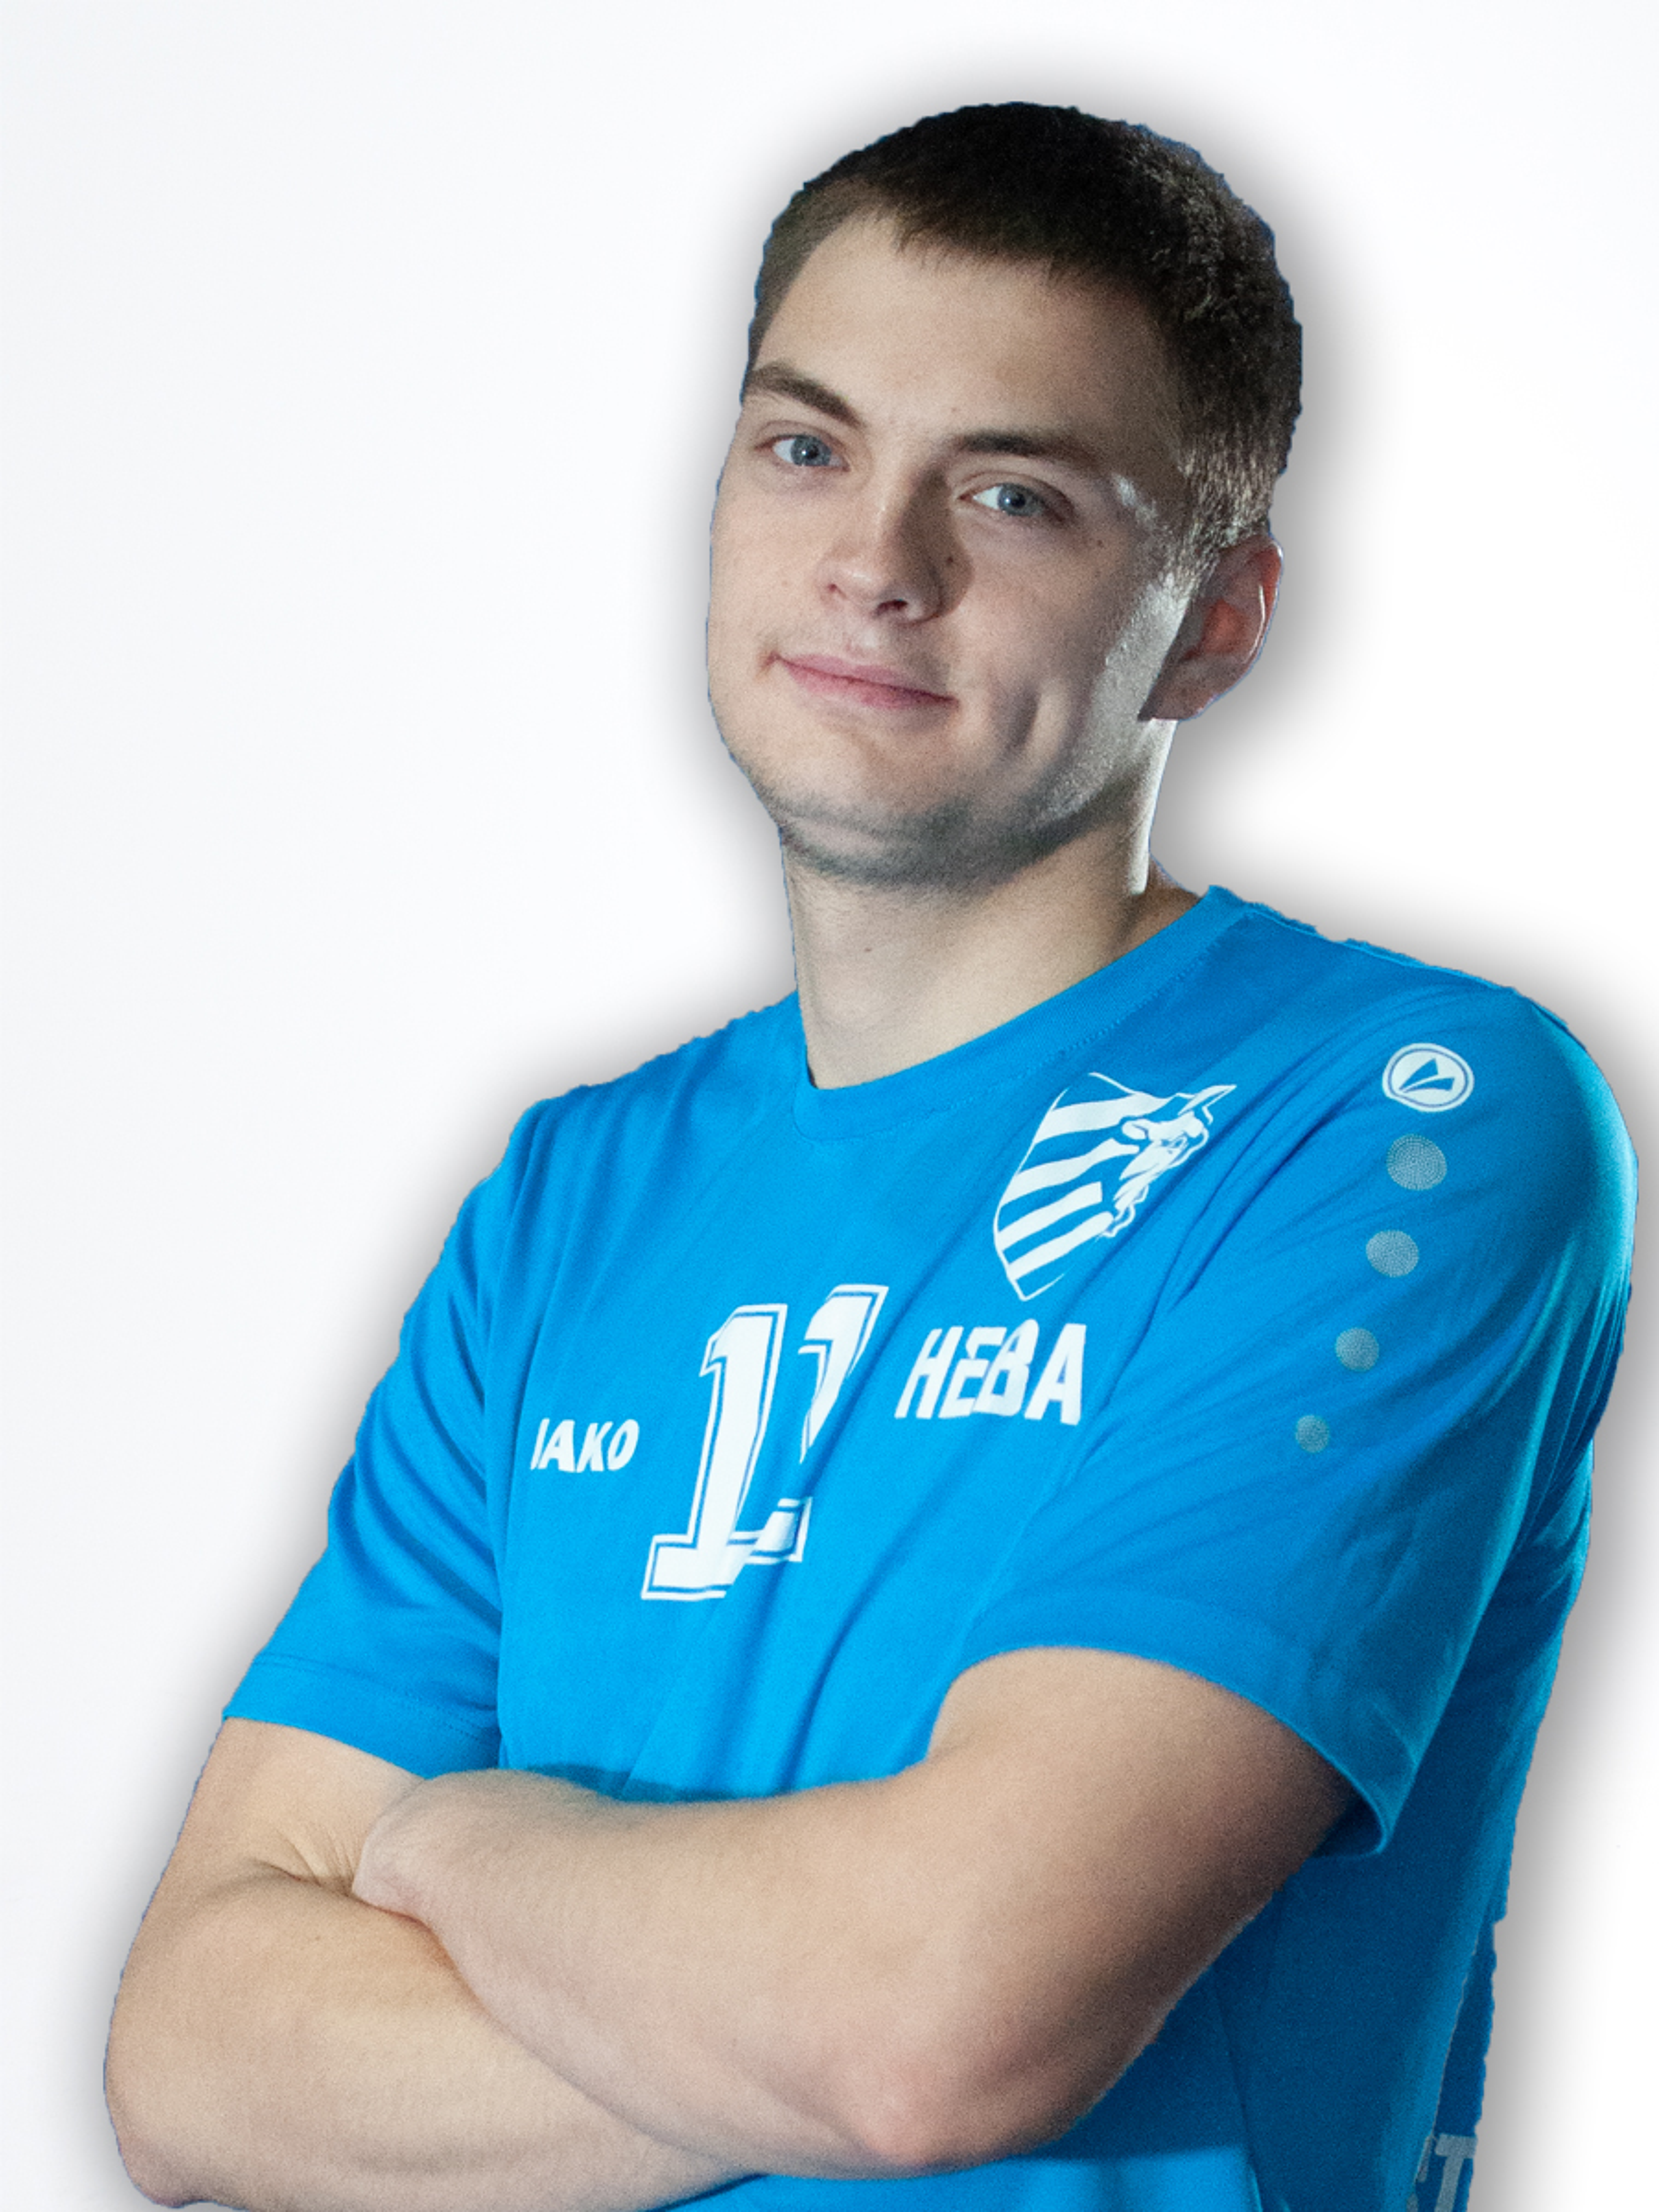 Коваленко Александр Павлович